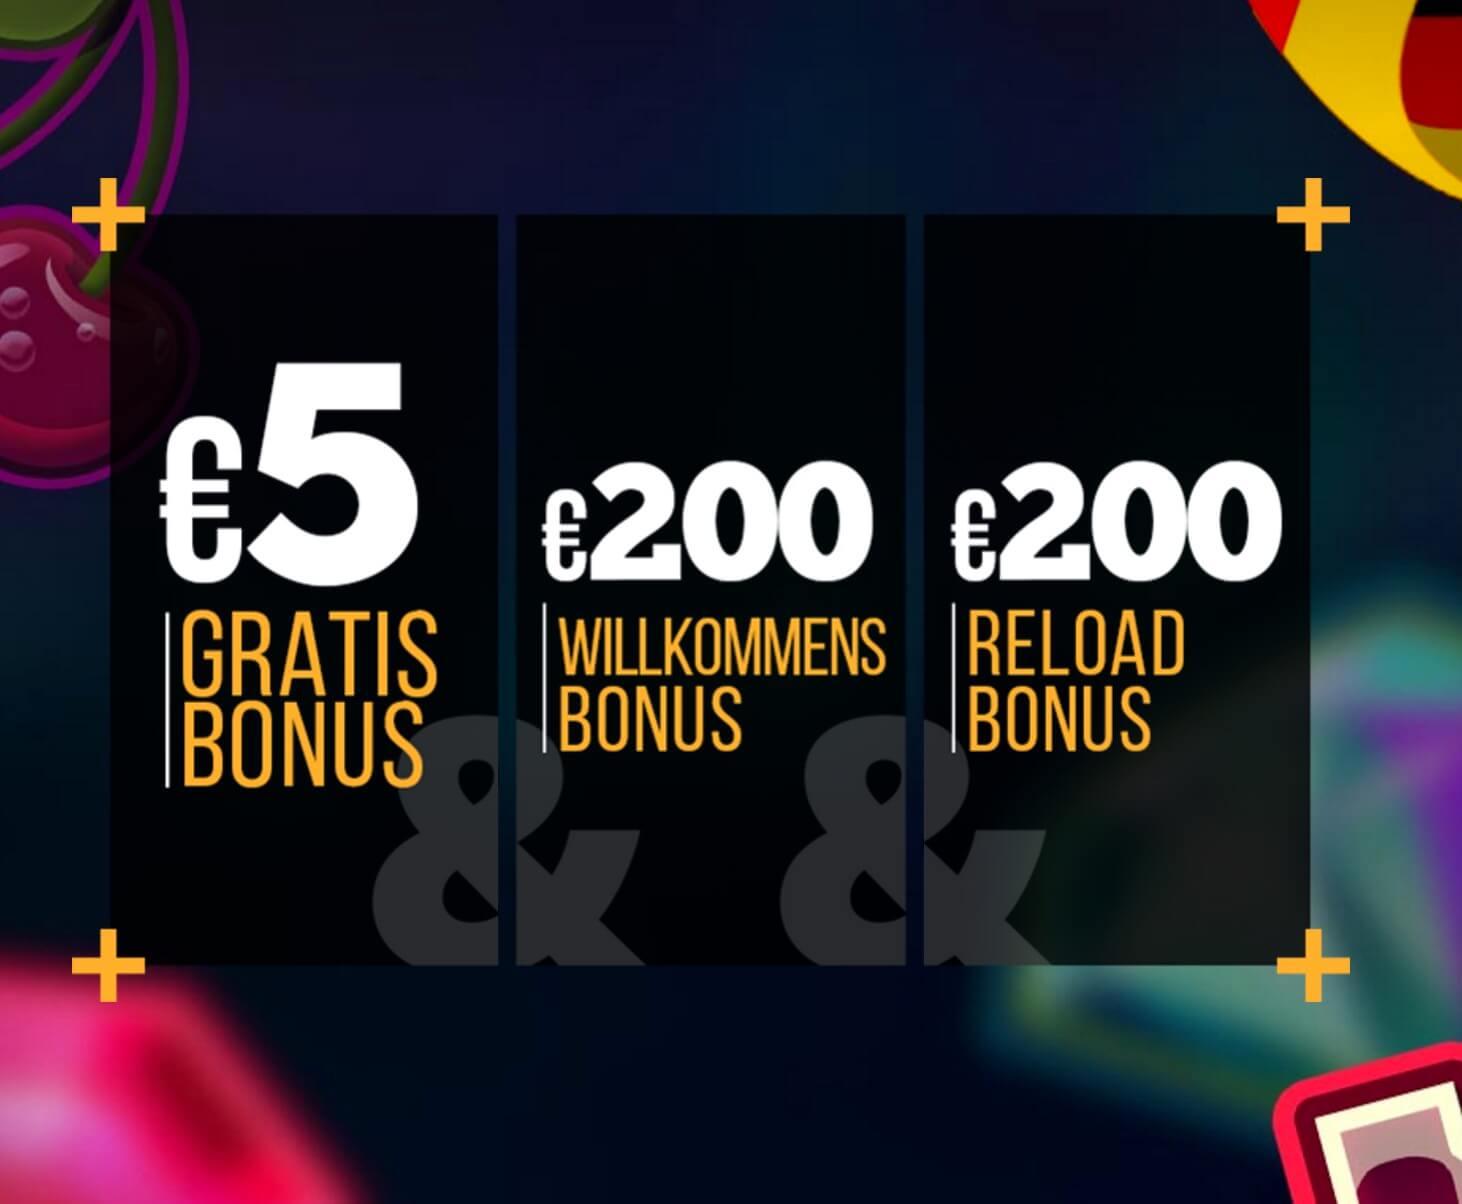 Energy Casino Bonus Code - 5€ gratis im Mai 2019